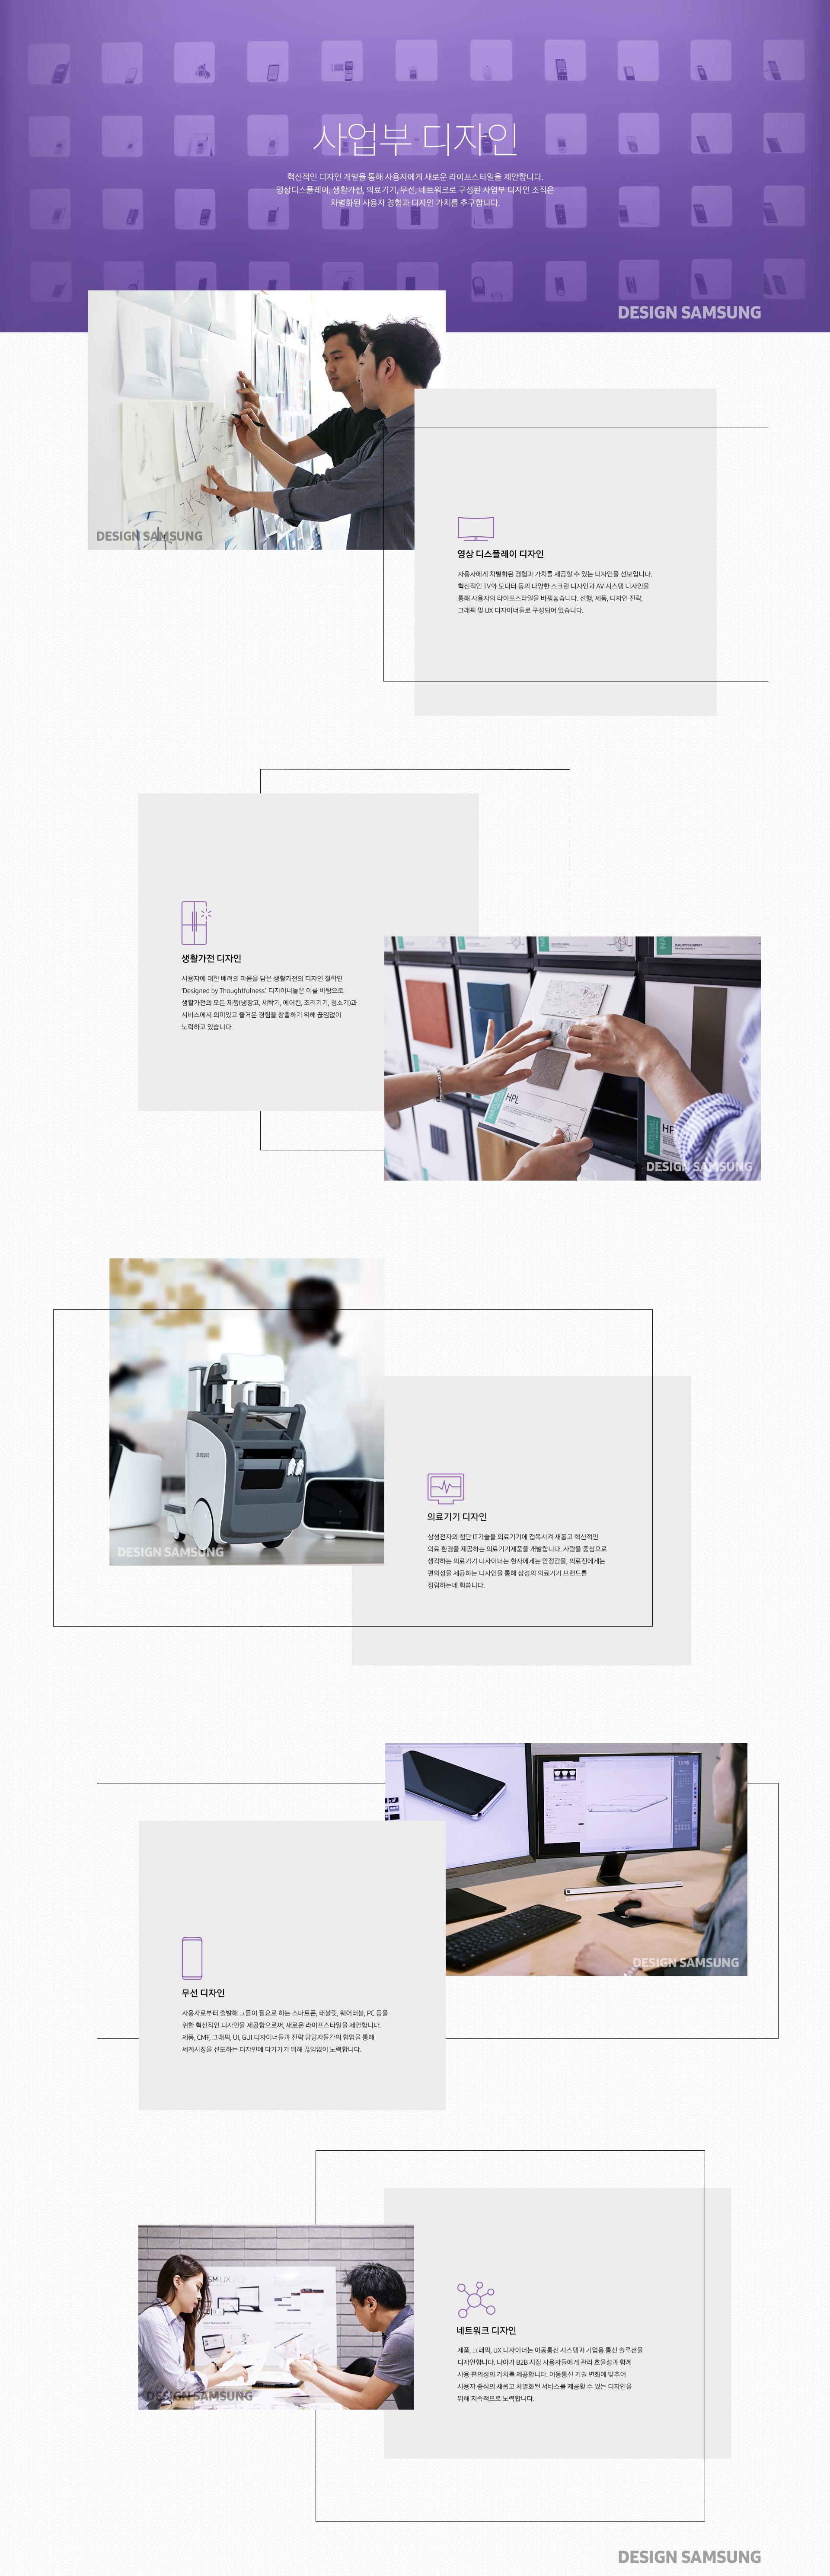 [사업부 디자인]  혁신적인 디자인 개발을 통해 사용자에게 새로운 라이프스타일을 제안합니다.  영상디스플레이, 생활가전, 의료기기, 무선, 네트워크로 구성된 사업부 디자인 조직은 차별화된 사용자 경험과 디자인 가치를 추구합니다.  영상 디스플레이 디자인 Visual Display Design  사용자에게 차별화된 경험과 가치를 제공할 수 있는 디자인을 선보입니다. 혁신적인 TV와 모니터 등의 다양한 스크린 디자인과 AV 시스템 디자인을 통해 사용자의 라이프스타일을 바꿔놓습니다. 선행, 제품, 디자인 전략, 그래픽 및 UX 디자이너들로 구성되어 있습니다.    생활가전 디자인 Digital Appliances Design  사용자에 대한 배려의 마음을 담은 생활가전의 디자인 철학인 'Designed by Thoughtfulness'. 디자이너들은 이를 바탕으로 생활가전의 모든 제품(냉장고, 세탁기, 에어컨, 조리기기, 청소기)과 서비스에서 의미있고 즐거운 경험을 창출하기 위해 끊임없이 노력하고 있습니다.    의료기기 디자인 Health & Medical Equipment Design  삼성전자의 첨단 IT기술을 의료기기에 접목시켜 새롭고 혁신적인 의료 환경을 제공하는 의료기기제품을 개발합니다. 사람을 중심으로 생각하는 의료기기 디자이너는 환자에게는 안정감을, 의료진에게는 편의성을 제공하는 디자인을 통해 삼성의 의료기기 브랜드를 정립하는데 힘씁니다.    무선 디자인 Mobile Communications Design  사용자로부터 출발해 그들이 필요로 하는 스마트폰, 태블릿, 웨어러블, PC 등을 위한 혁신적인 디자인을 제공함으로써, 새로운 라이프스타일을 제안합니다. 제품, CMF, 그래픽, UI, GUI 디자이너들과 전략 담당자들간의 협업을 통해 세계시장을 선도하는 디자인에 다가가기 위해 끊임없이 노력합니다.    네트워크 디자인 Networks Design  제품, 그래픽, UX 디자이너는 이동통신 시스템과 기업용 통신 솔루션을 디자인합니다. 나아가B2B 시장 사용자들에게 관리 효율성과 함께 사용 편의성의 가치를 제공합니다. 이동통신 기술 변화에 맞추어 사용자 중심의 새롭고 차별화된 서비스를 제공할 수 있는 디자인을 위해 지속적으로 노력합니다.